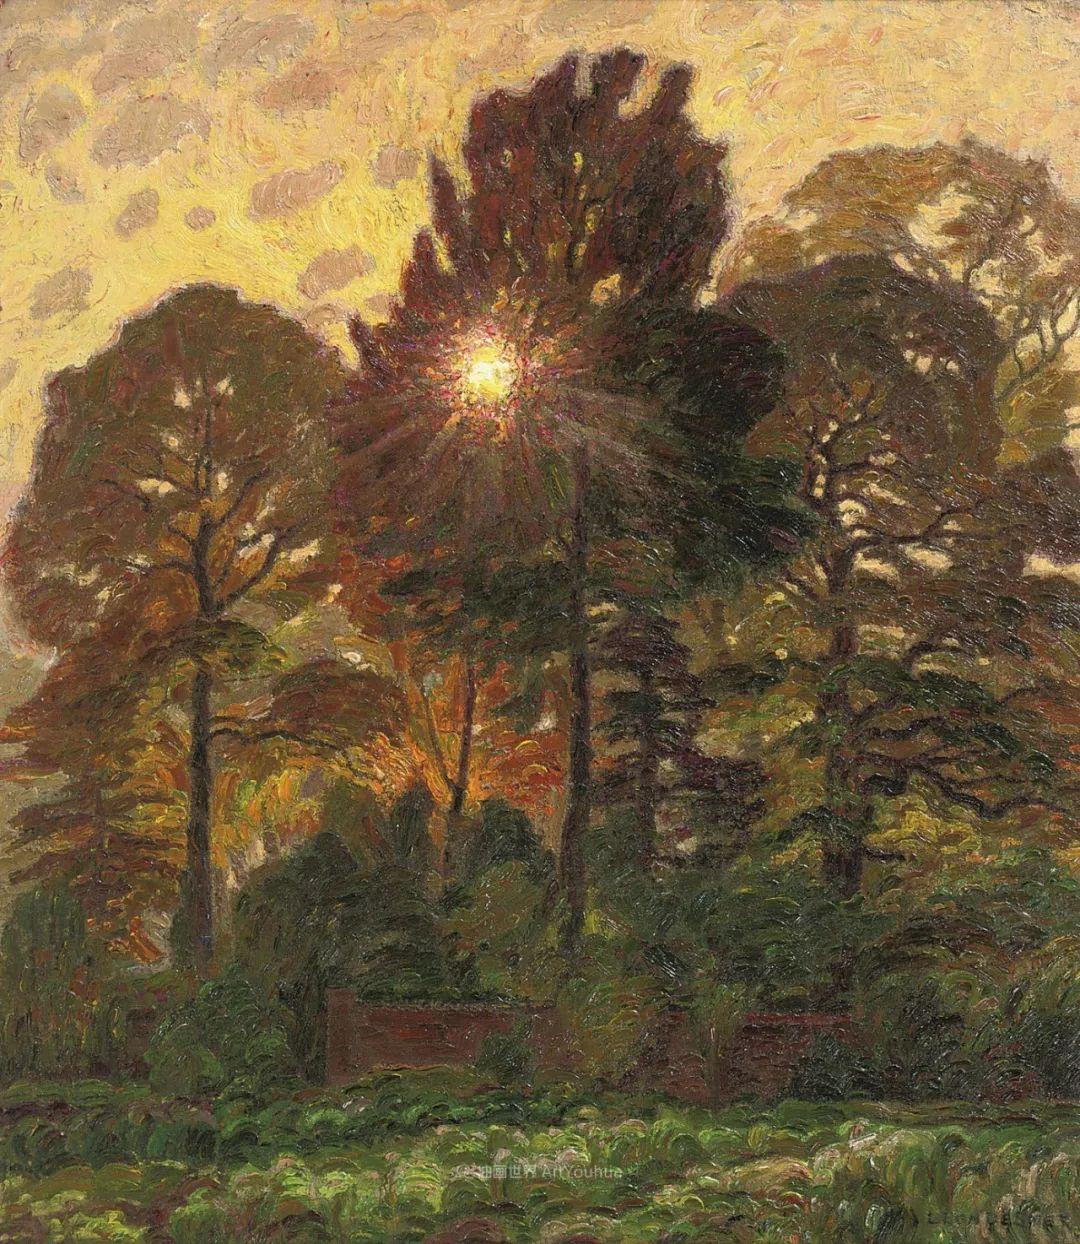 比利时画家 Léon de Smet  莱昂·德·史密特  作品欣赏插图45